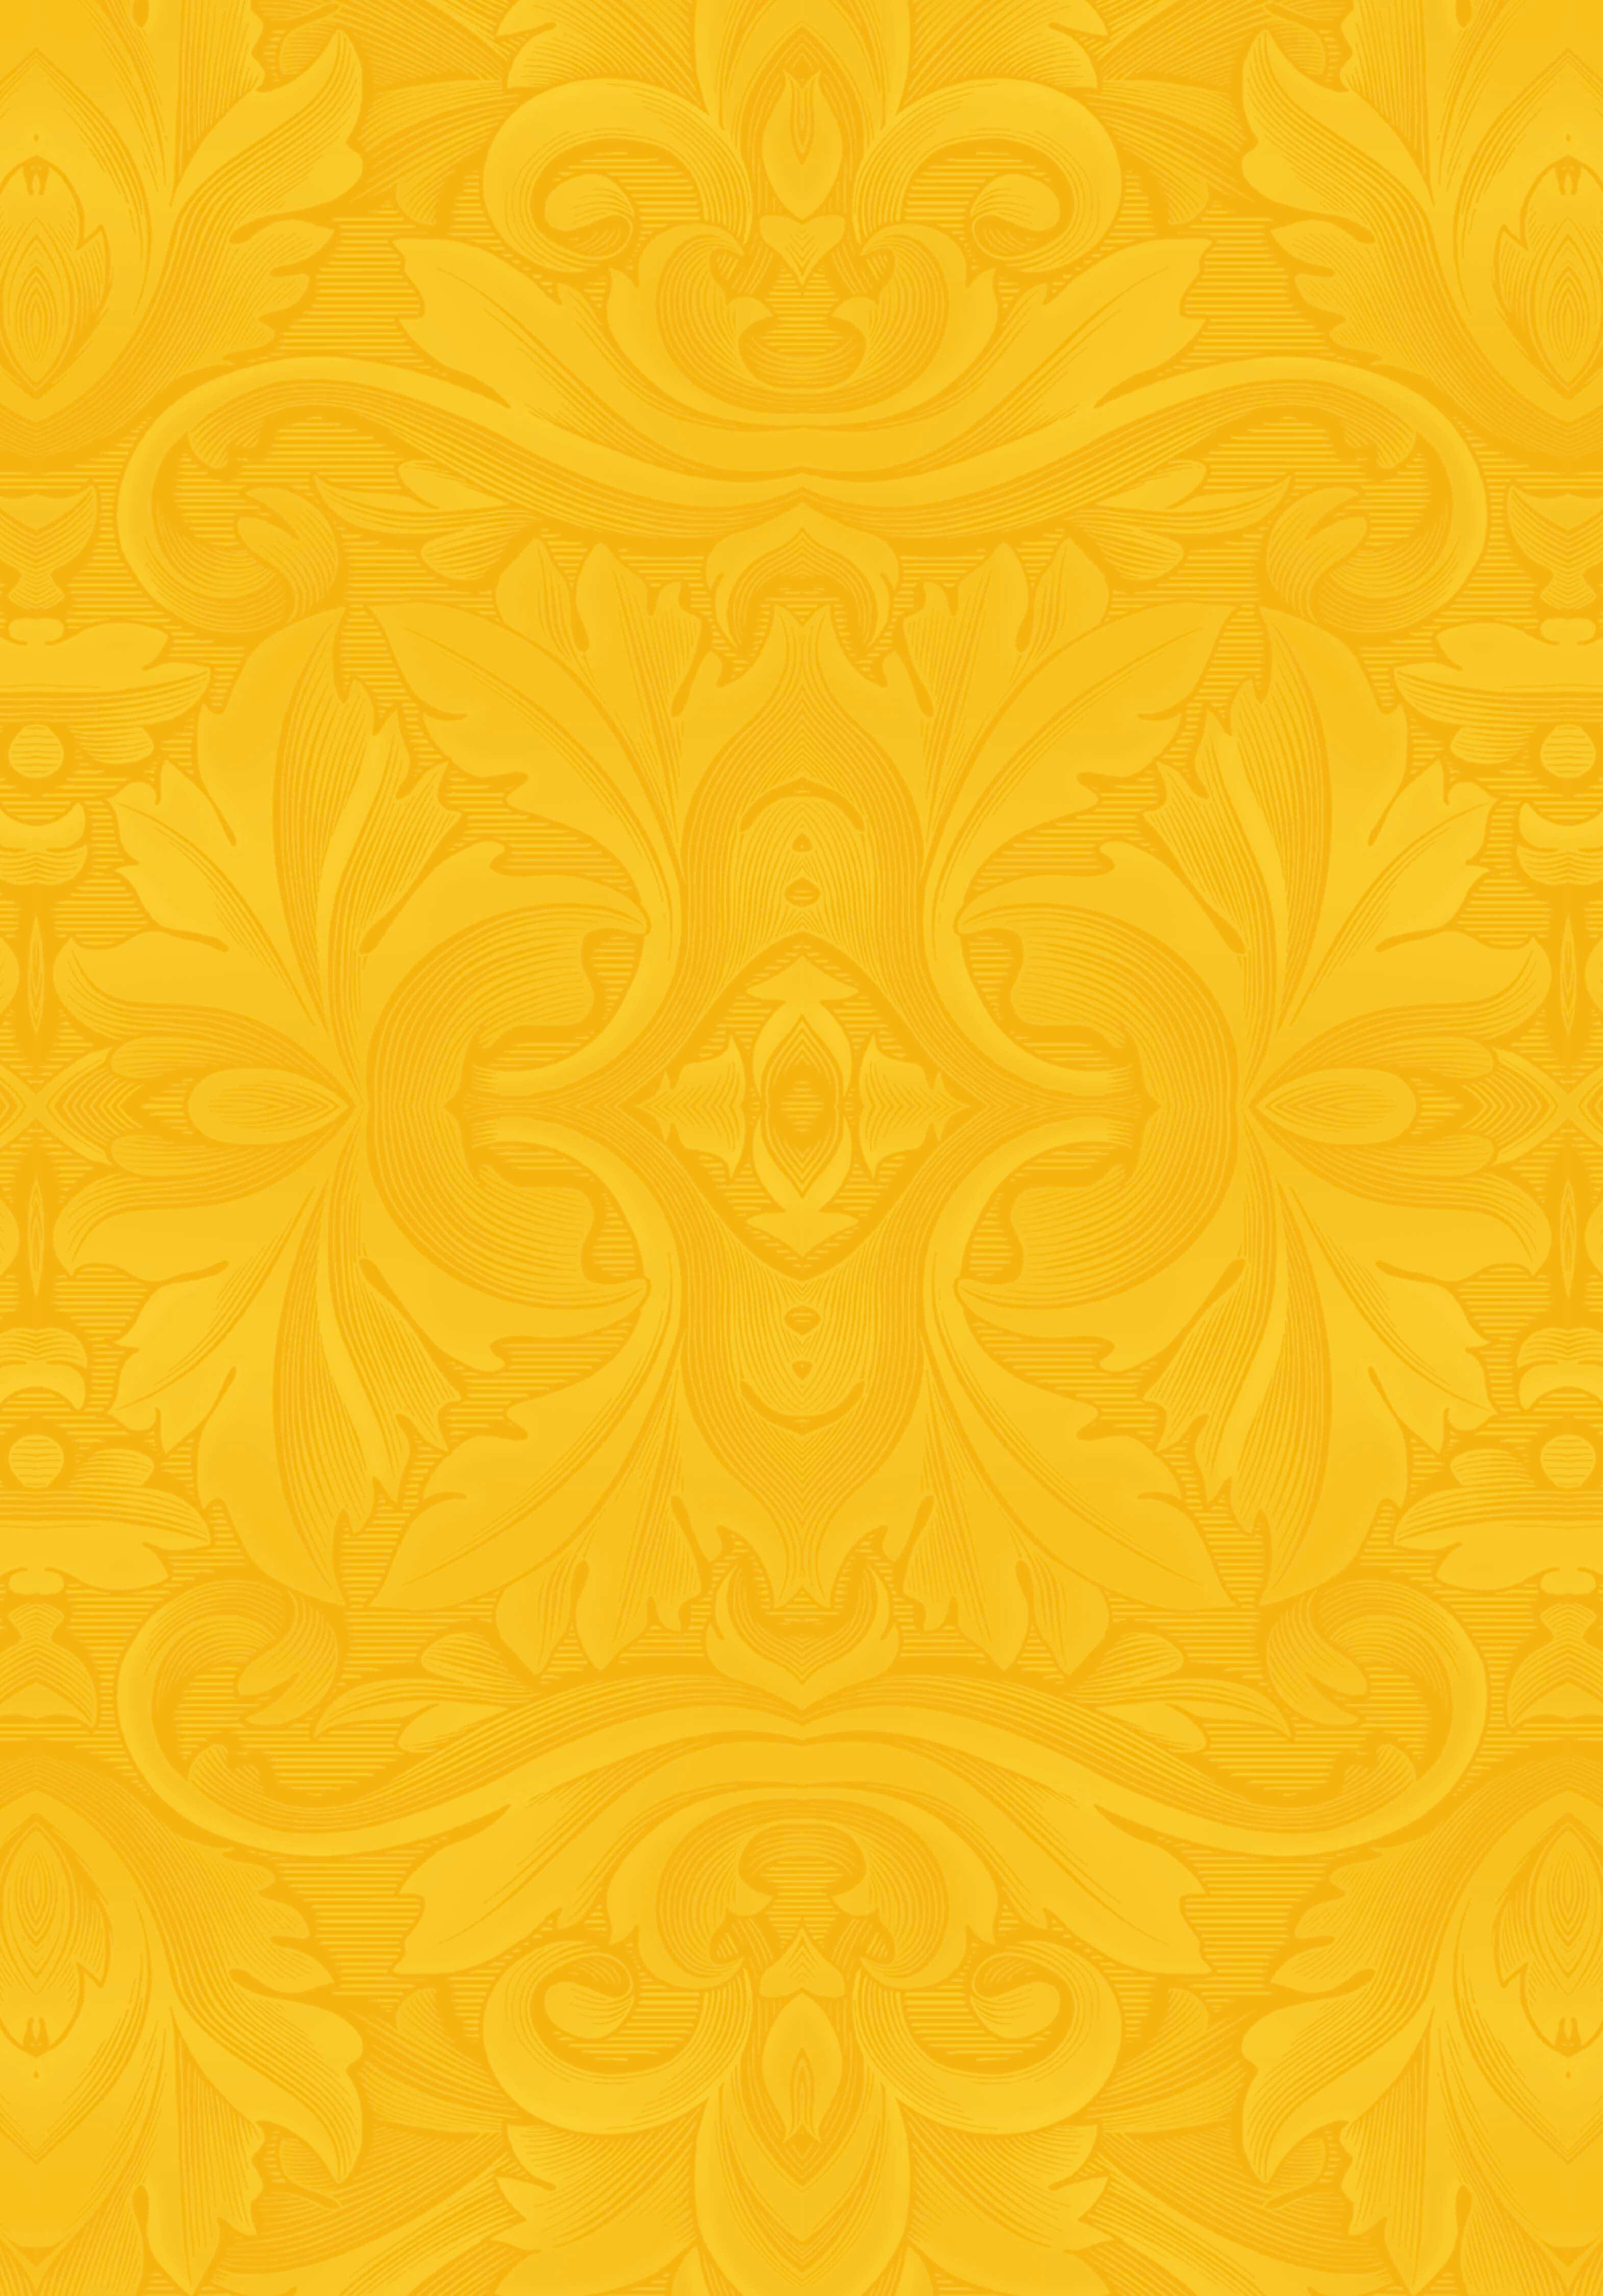 padr u00e3o de fundo dourado golden padr u00e3o poster imagem de